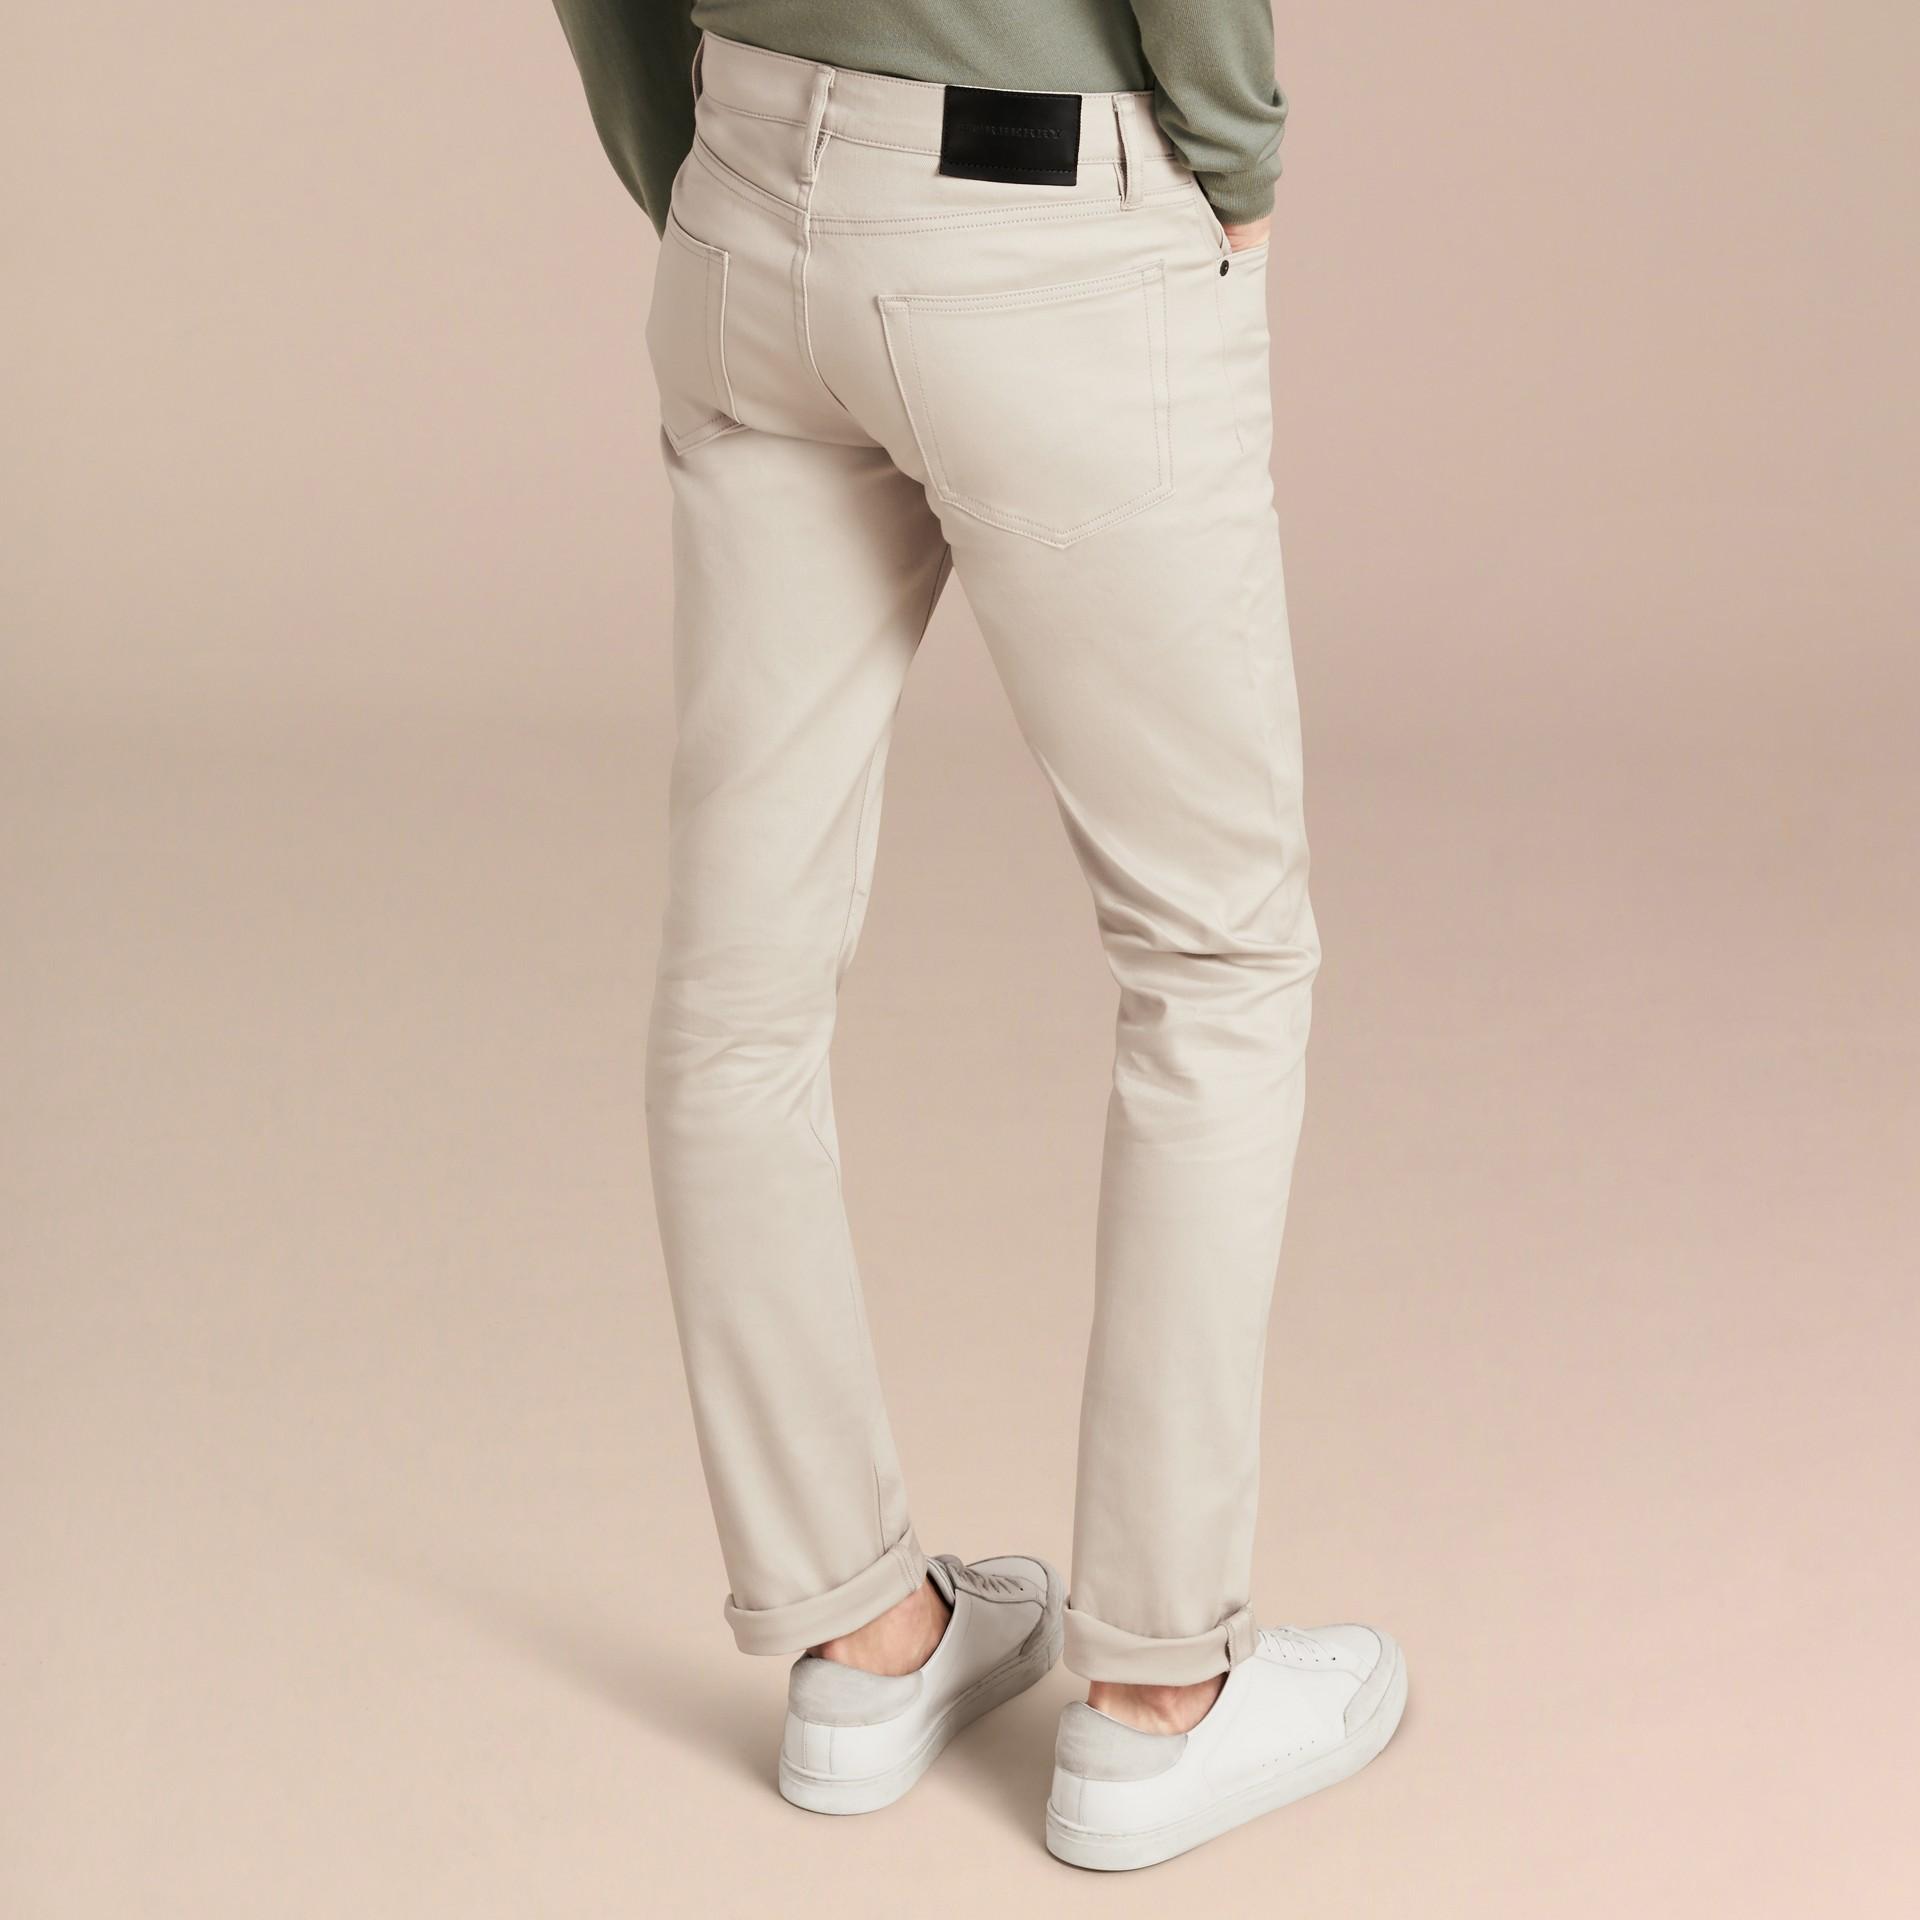 淡石色 修身剪裁日本伸縮牛仔褲 淡石色 - 圖庫照片 3